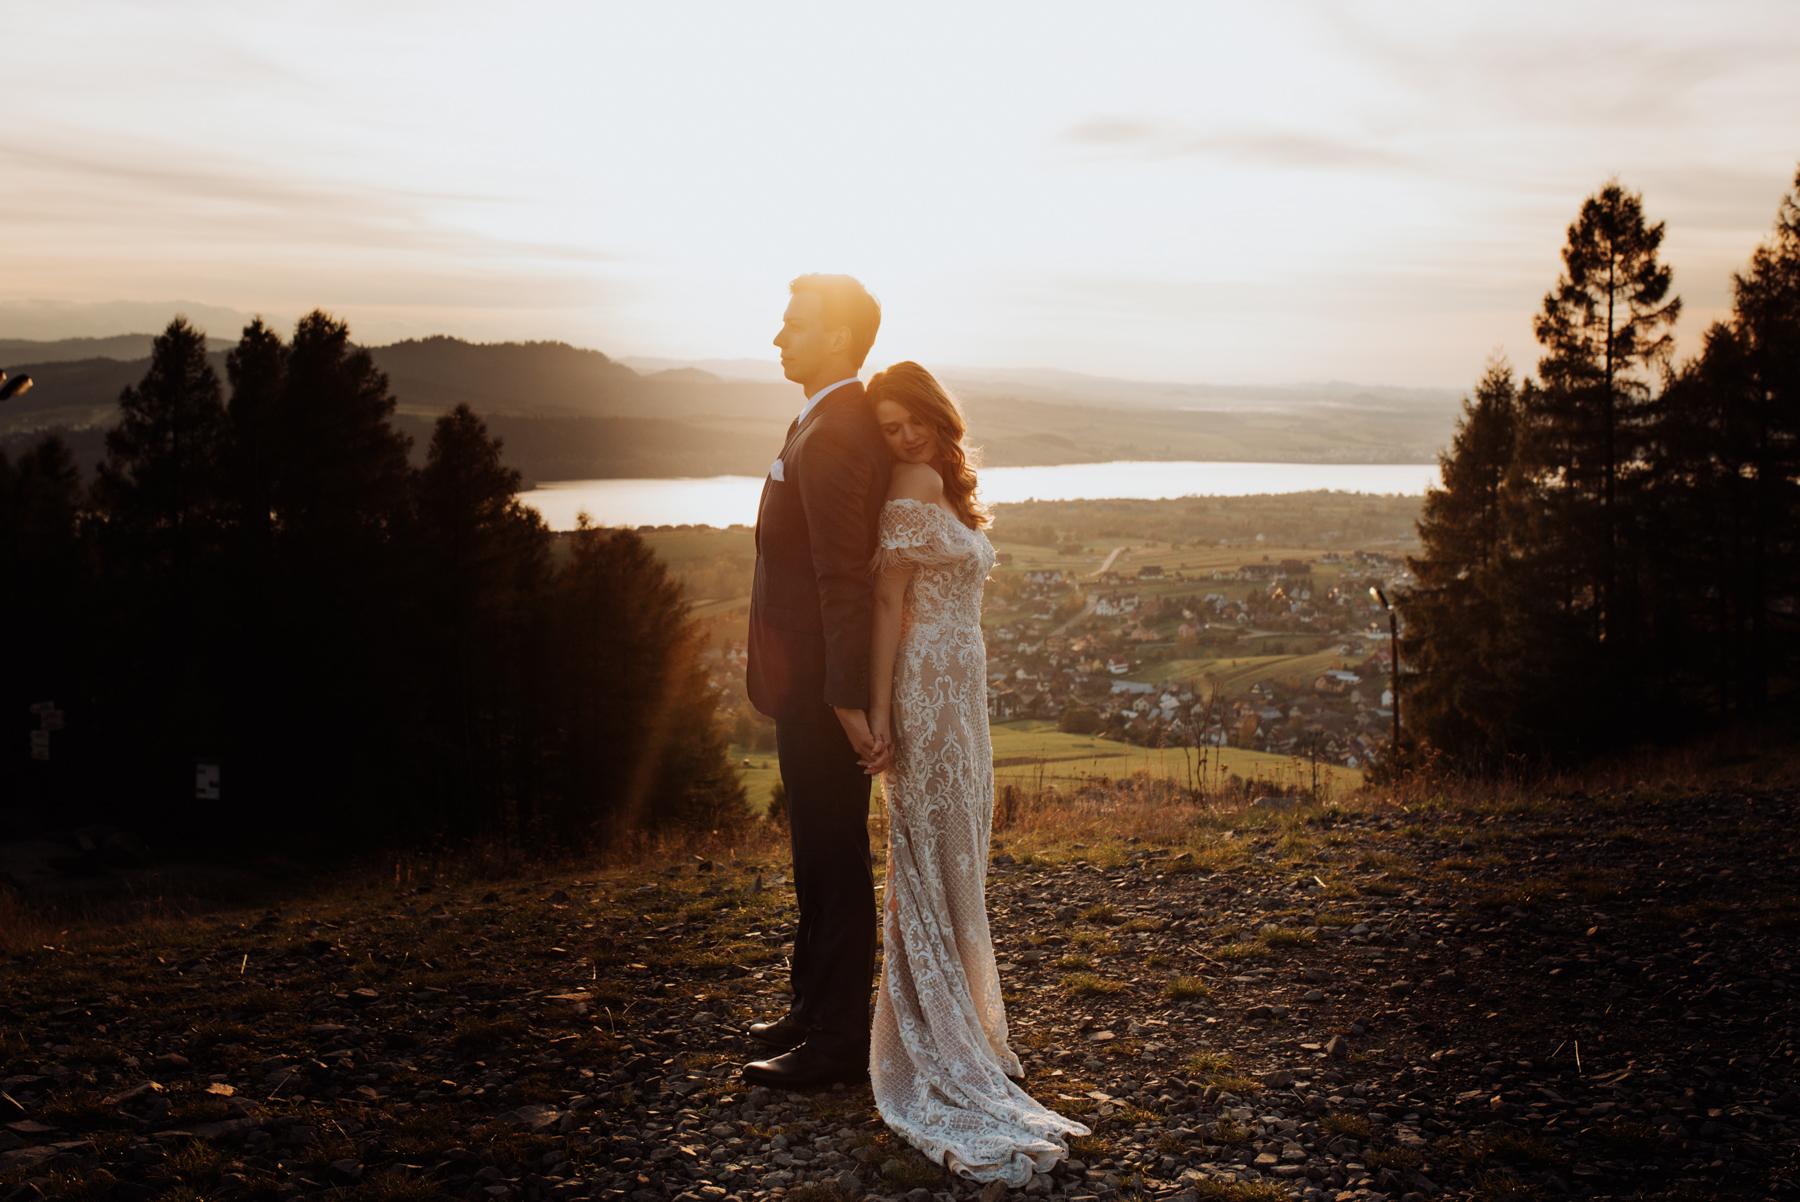 Wisienka na torcie - fotograf warszawa - ślub chrzest - sesje lifestyle